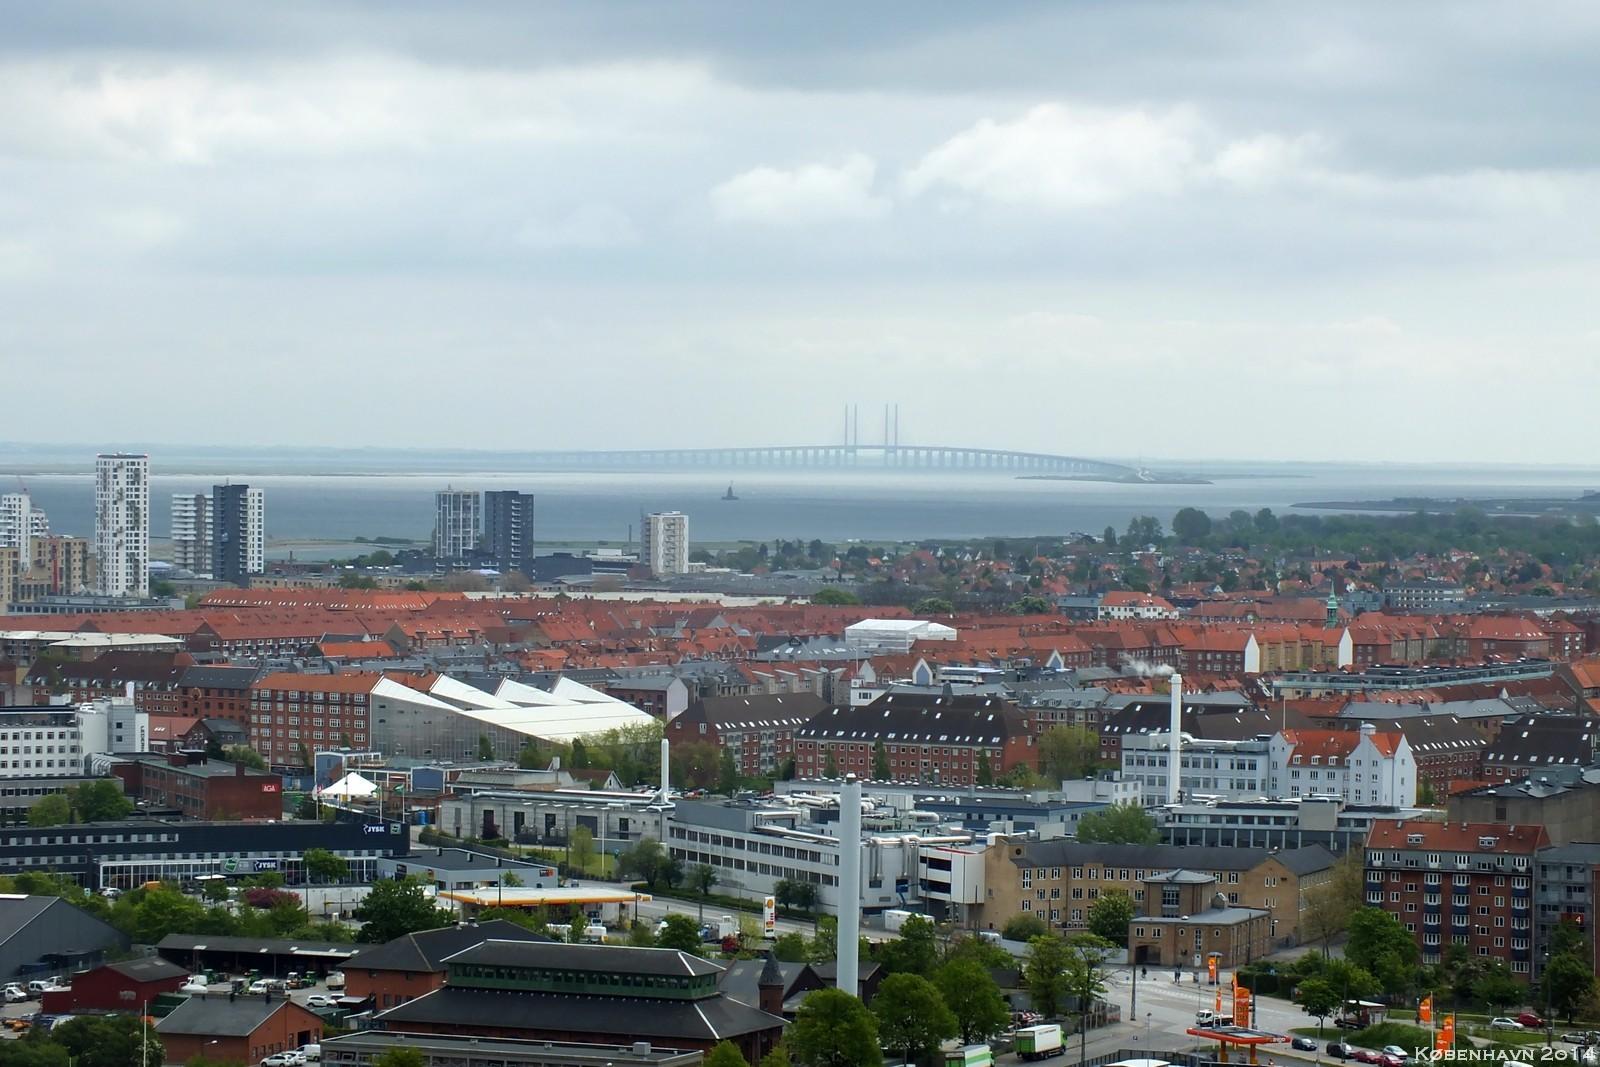 View from Vor Frelsers Kirke — Øresundsbroen, København, Denmark